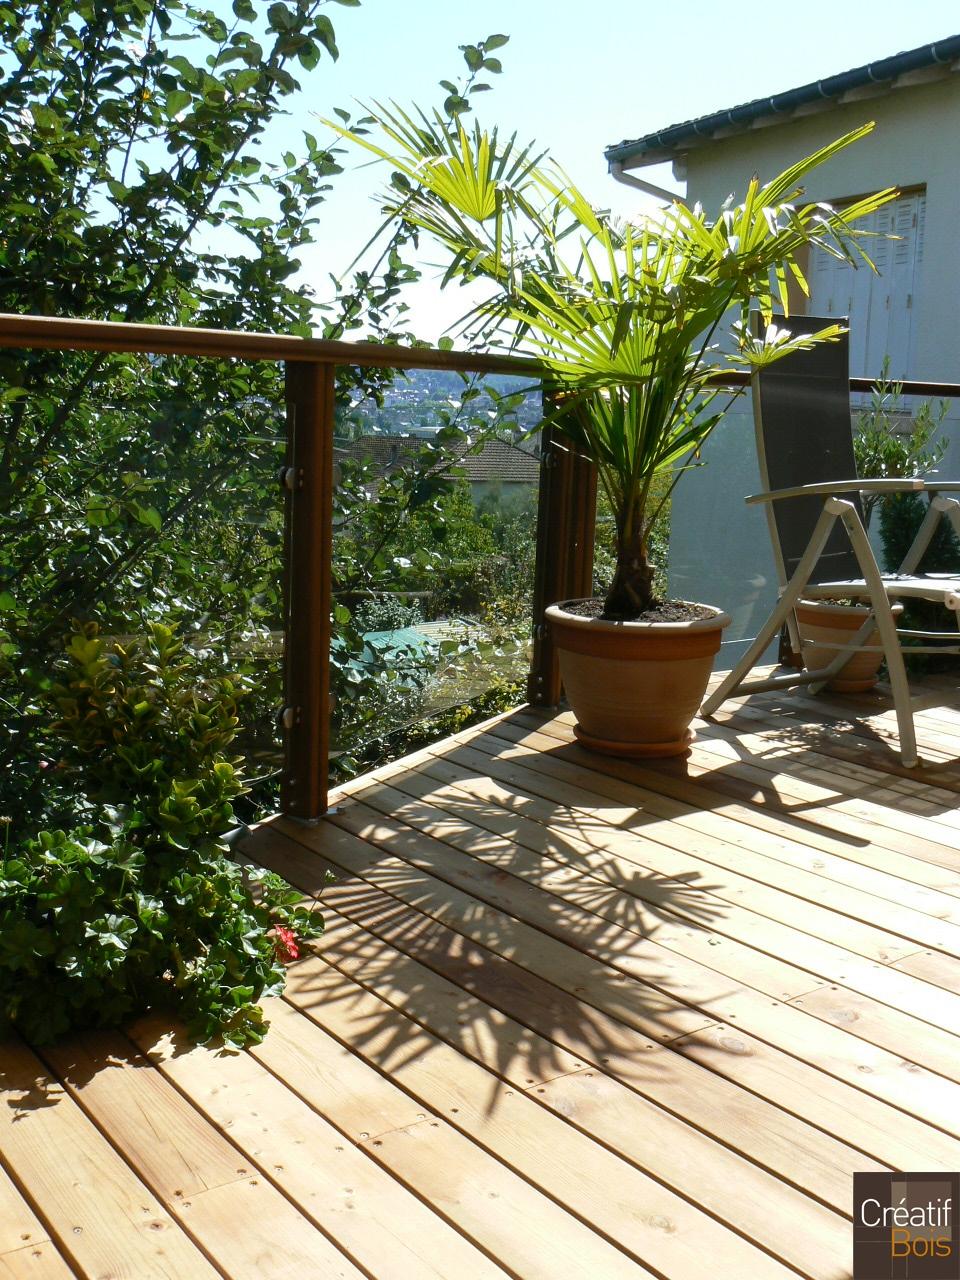 terrasse bois brive corr ze 19 garde corps galerie. Black Bedroom Furniture Sets. Home Design Ideas